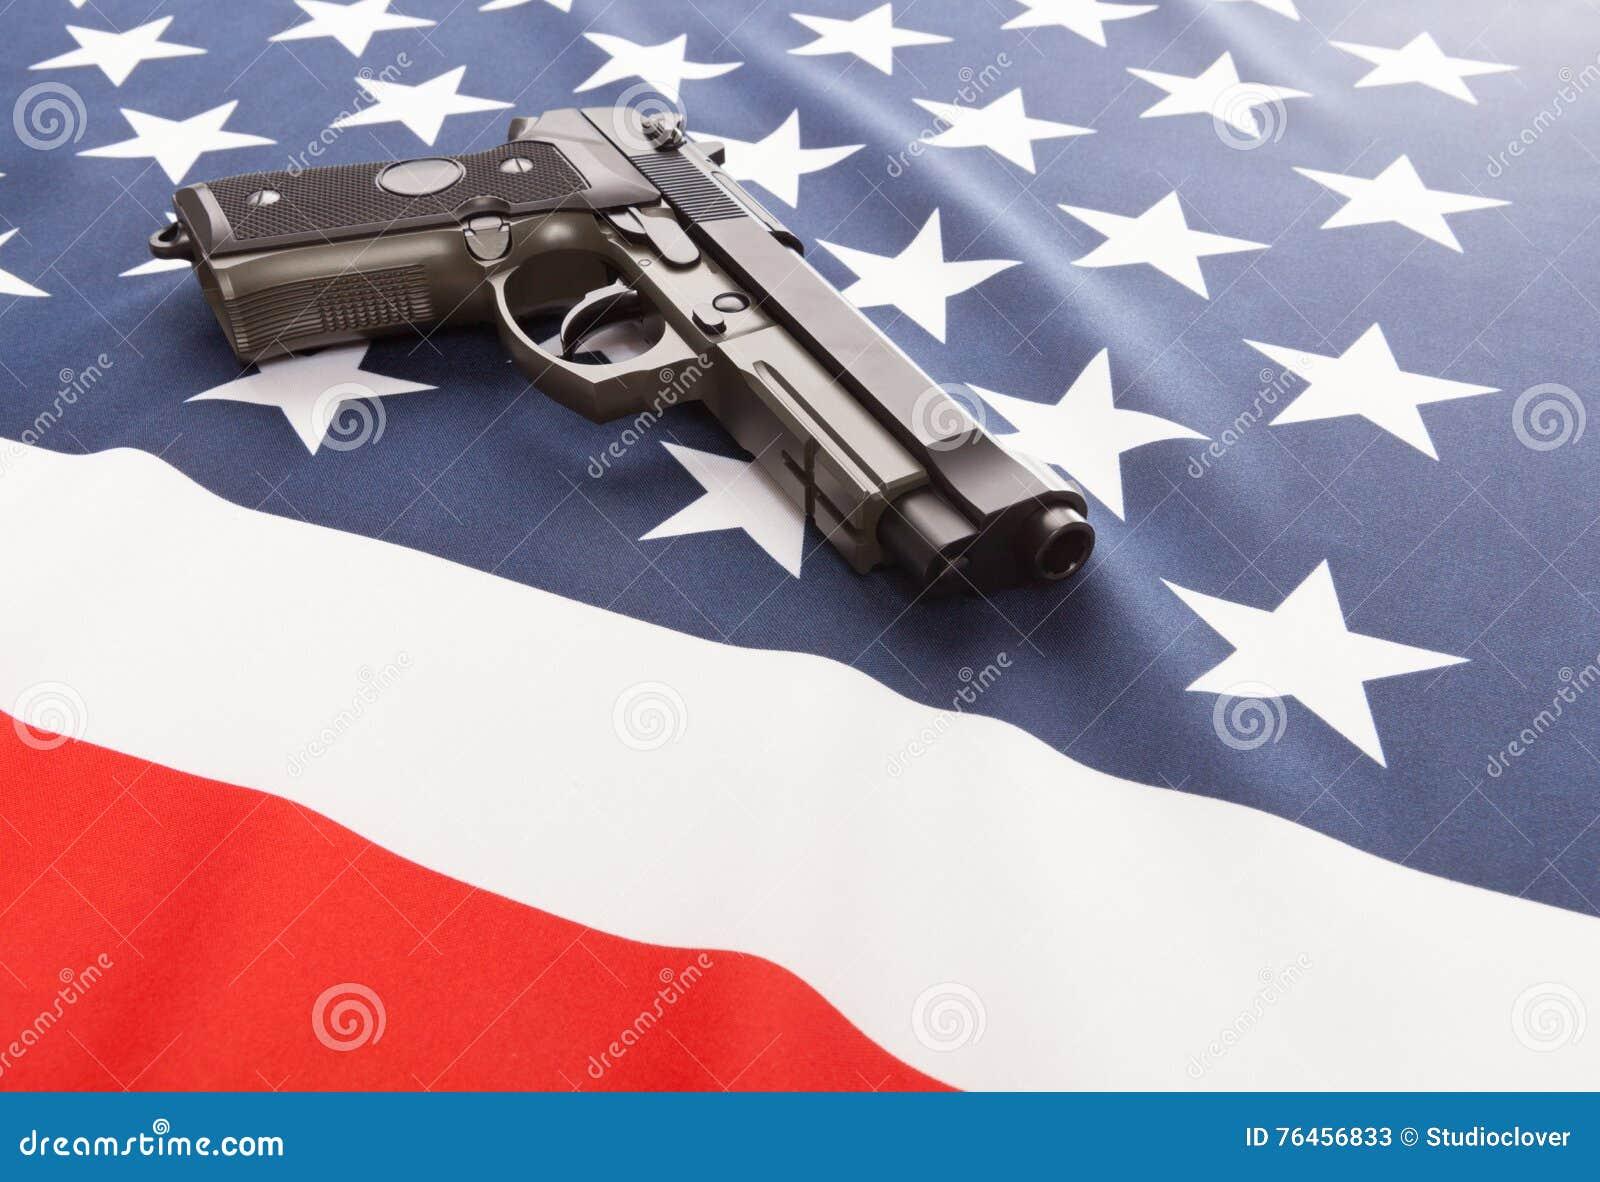 Bandiera nazionale con la pistola della mano sopra serie - Stati Uniti